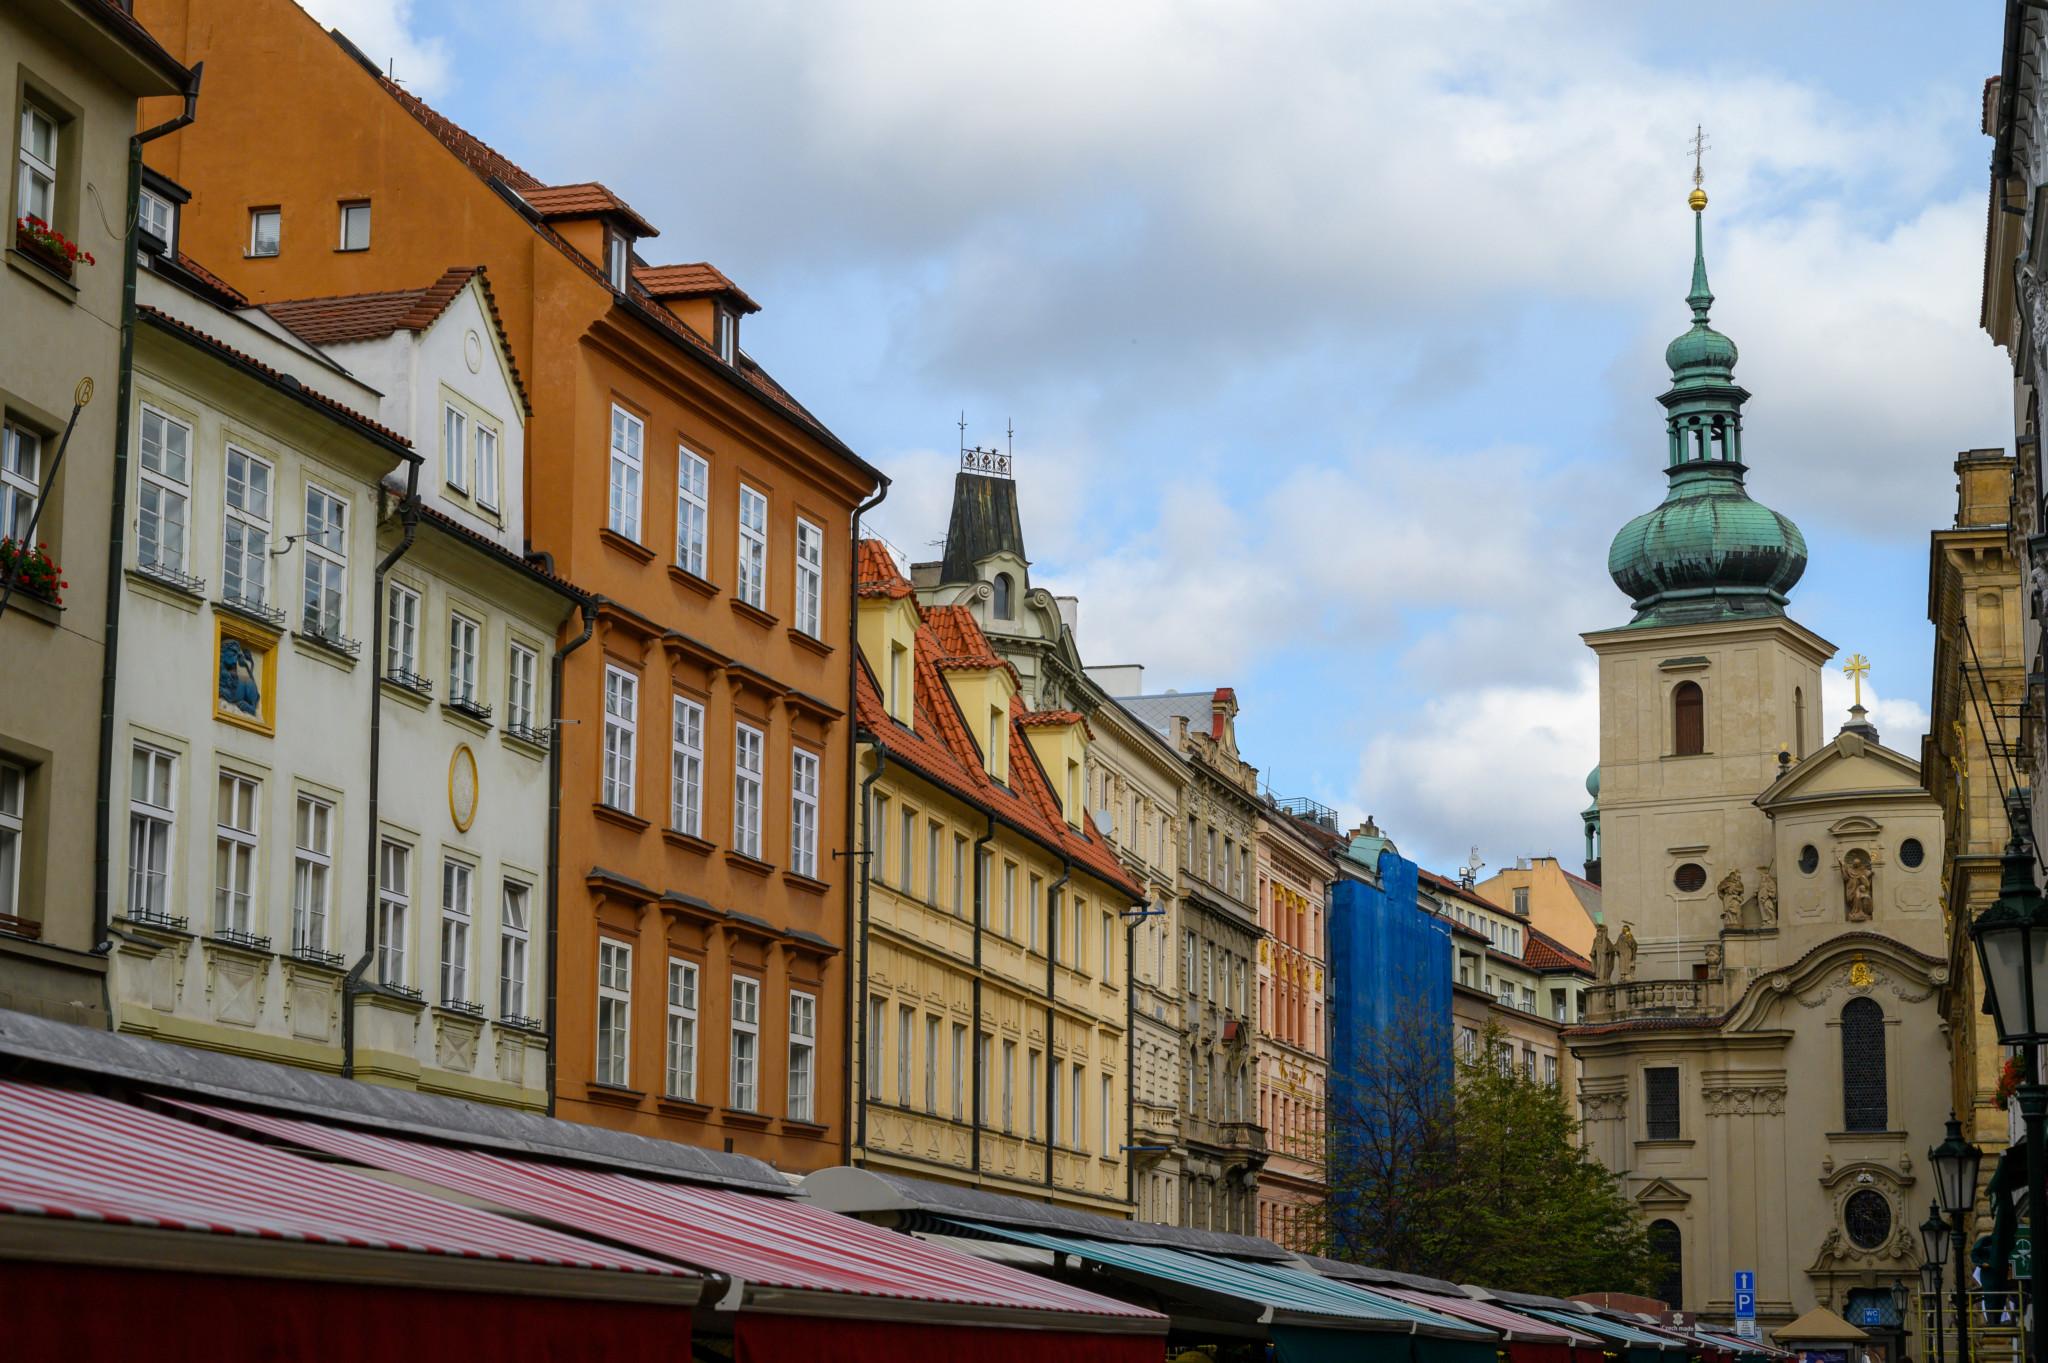 Der Havelsky Markt ist für seine gestreiften Dächer bekannt